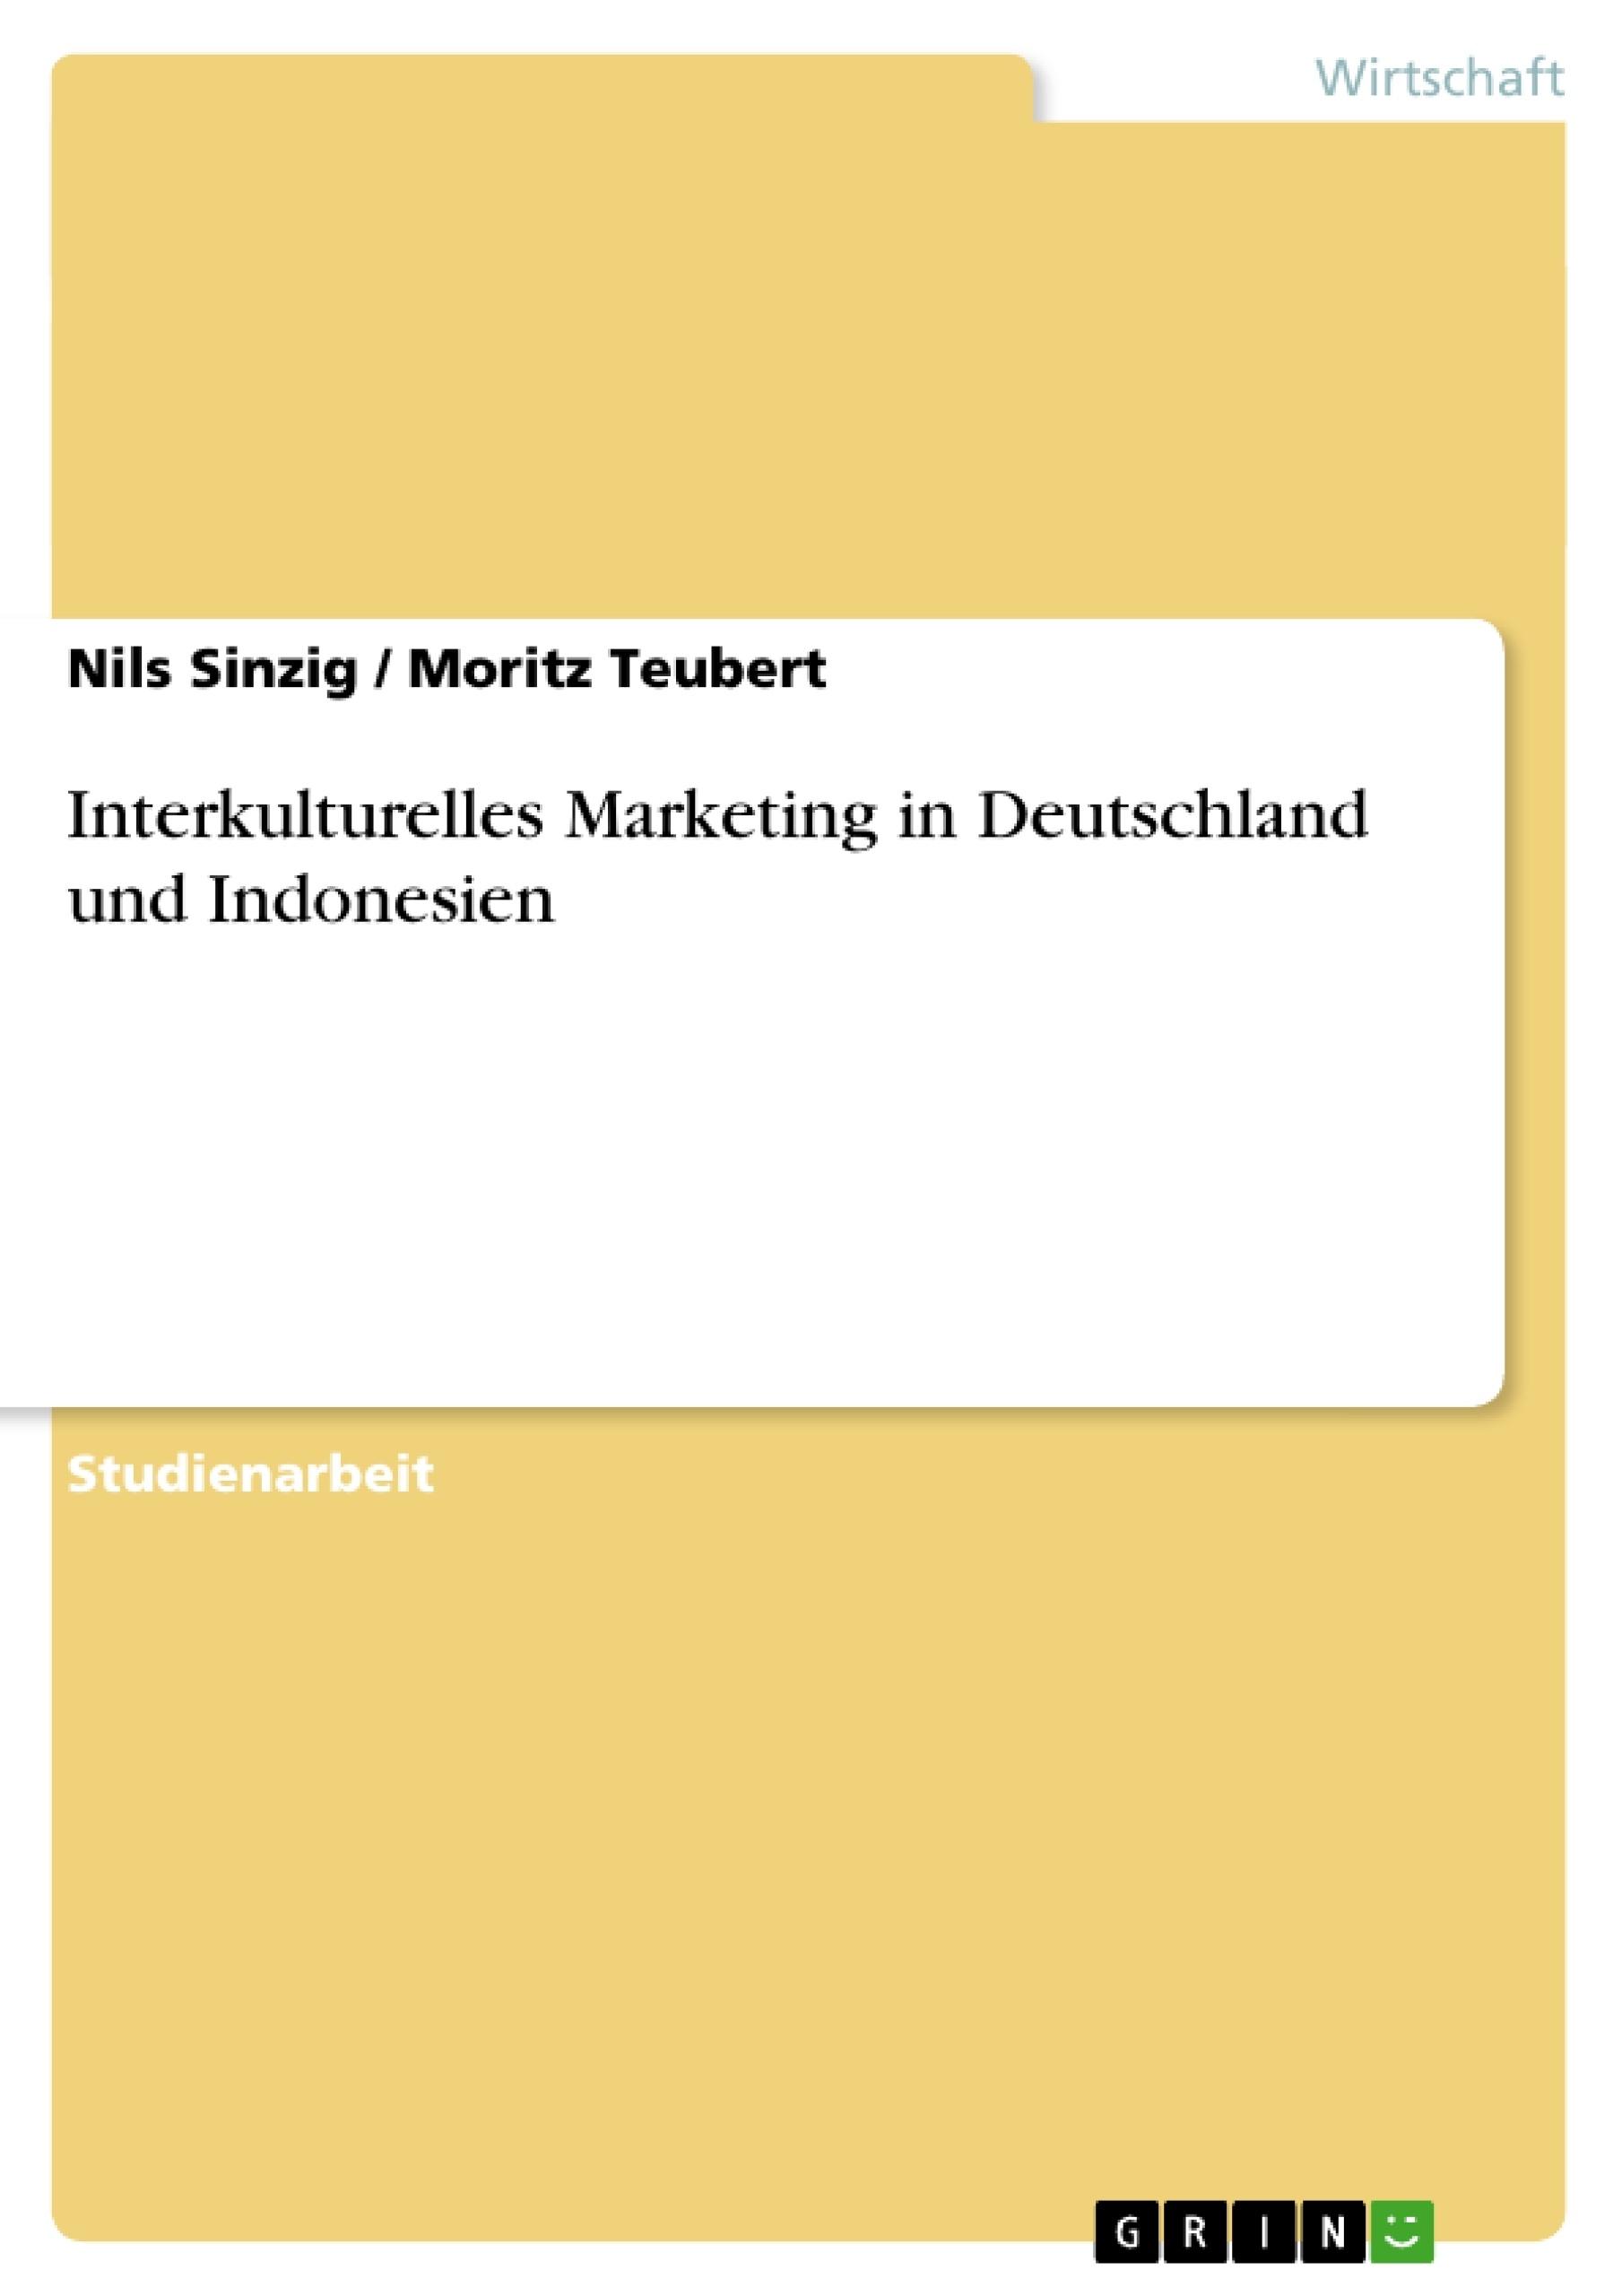 Titel: Interkulturelles Marketing in Deutschland und Indonesien